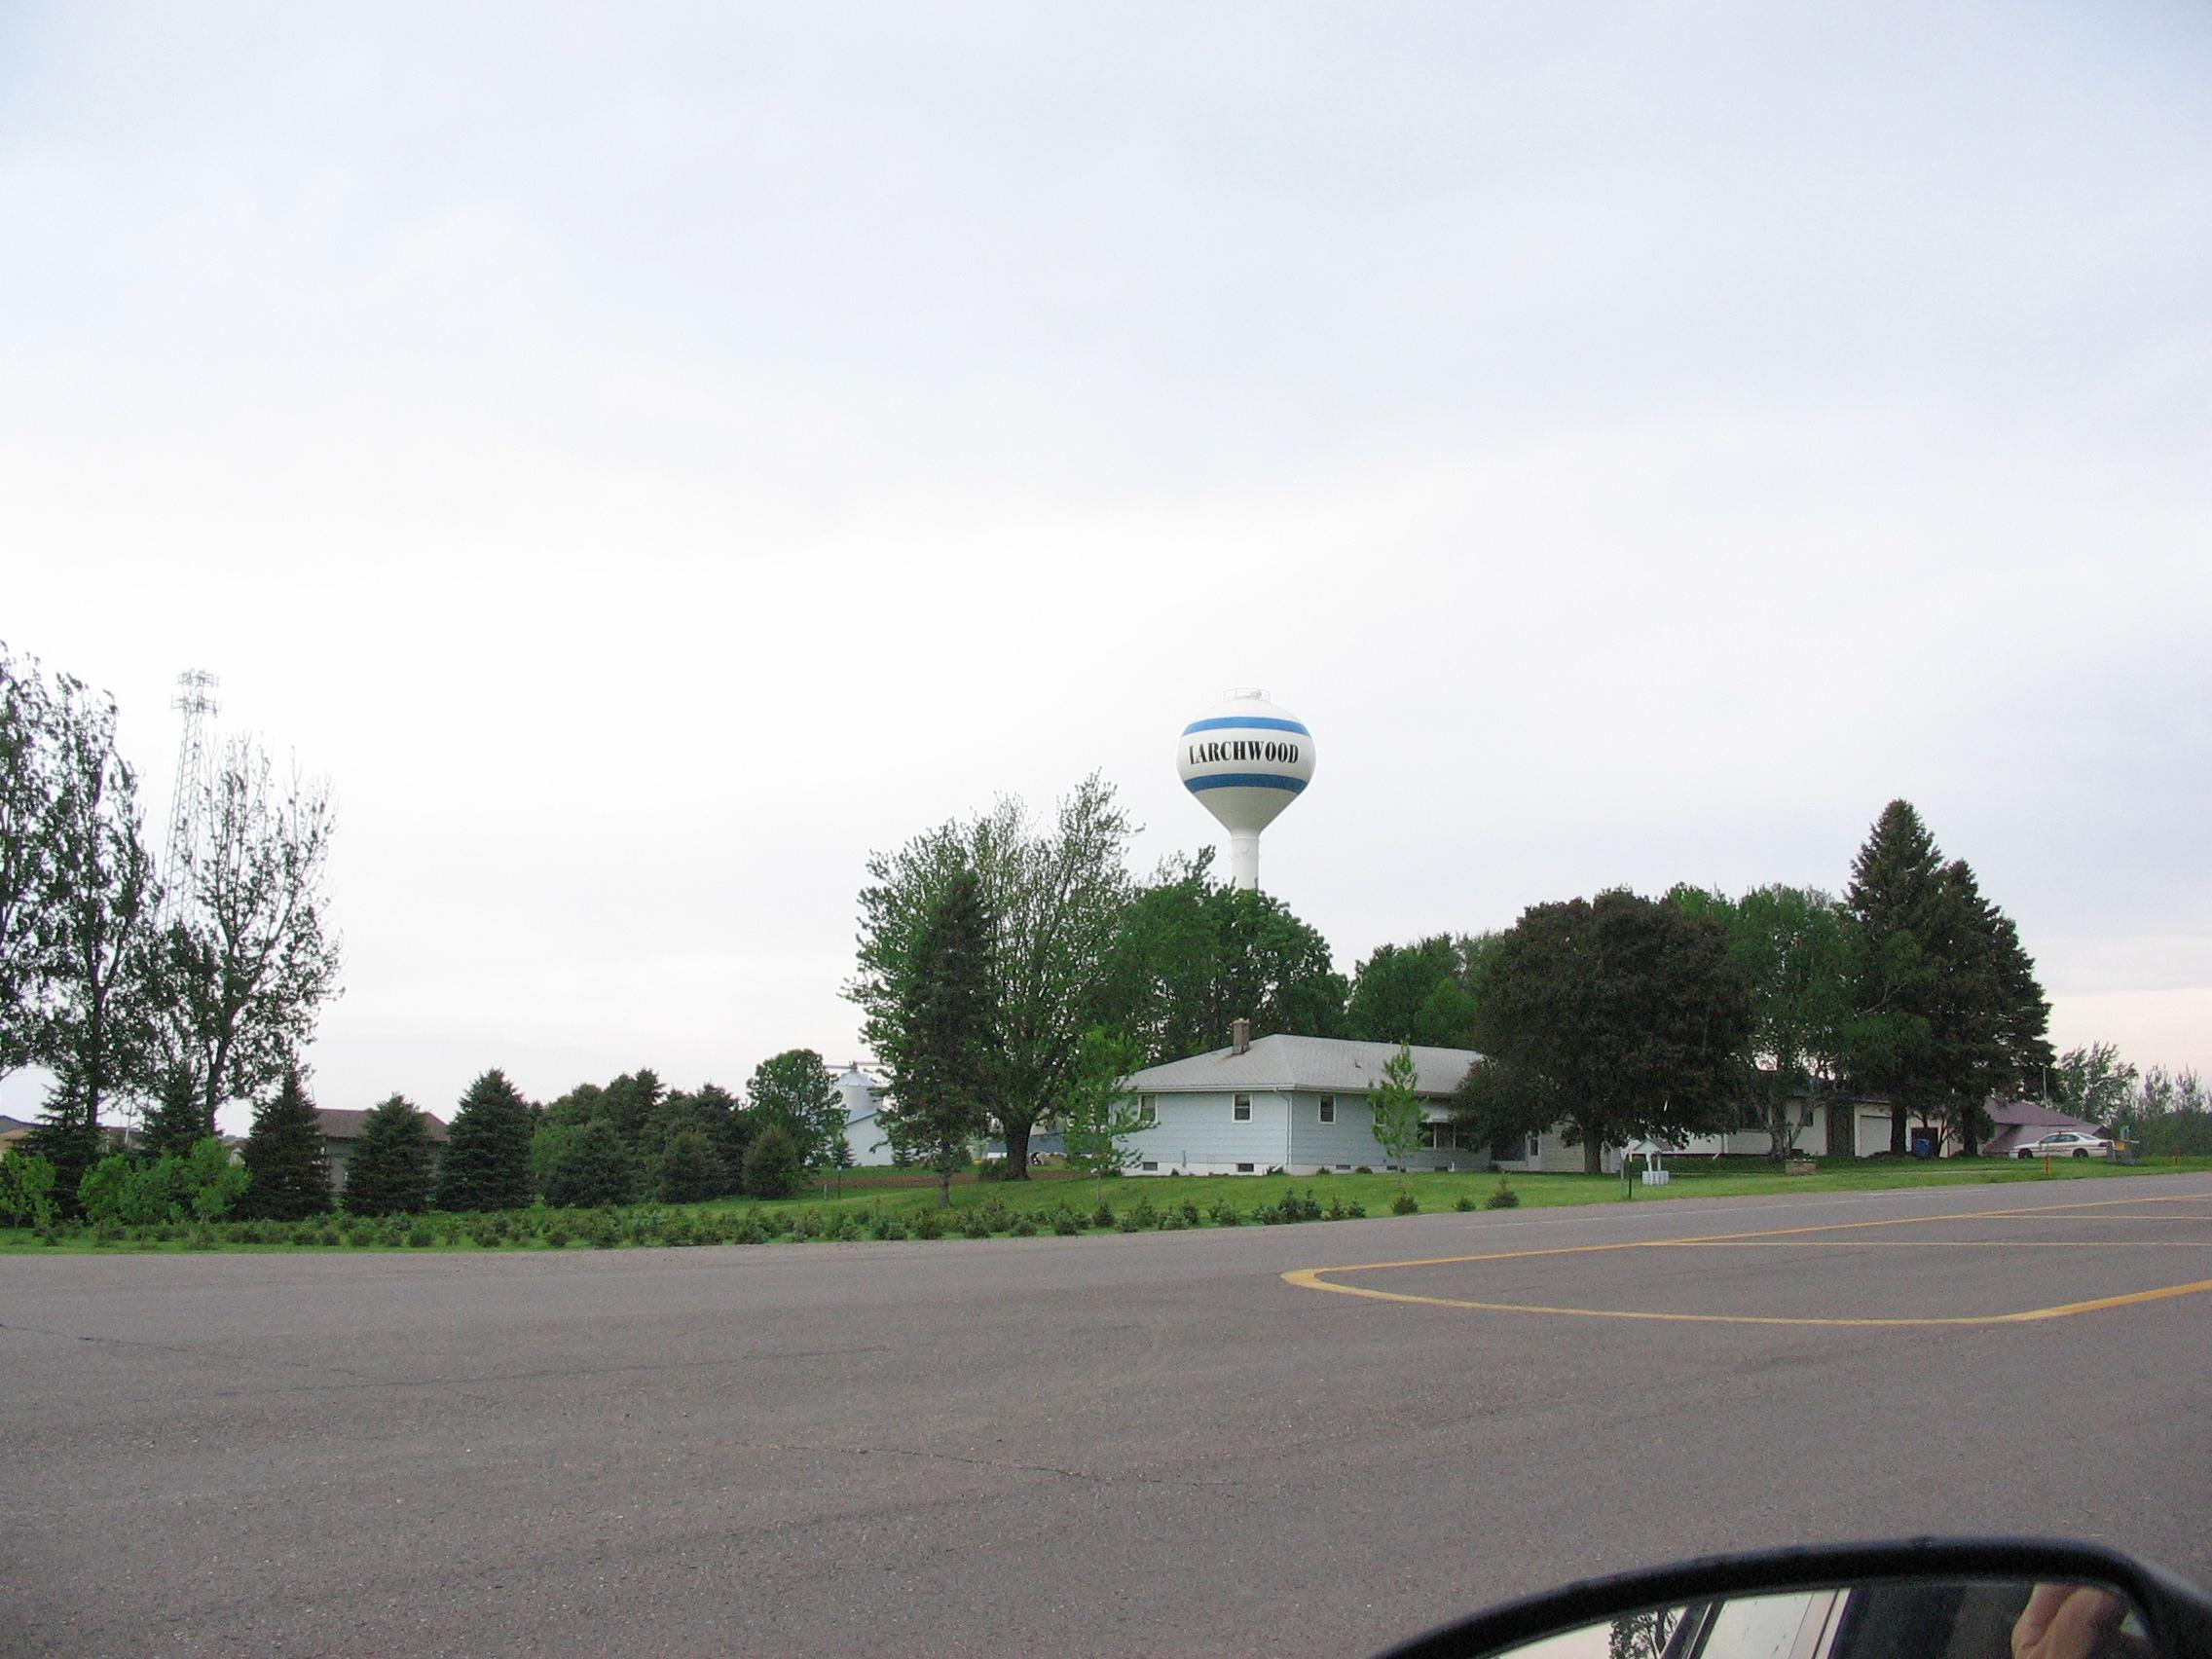 5-14-07  Iowa